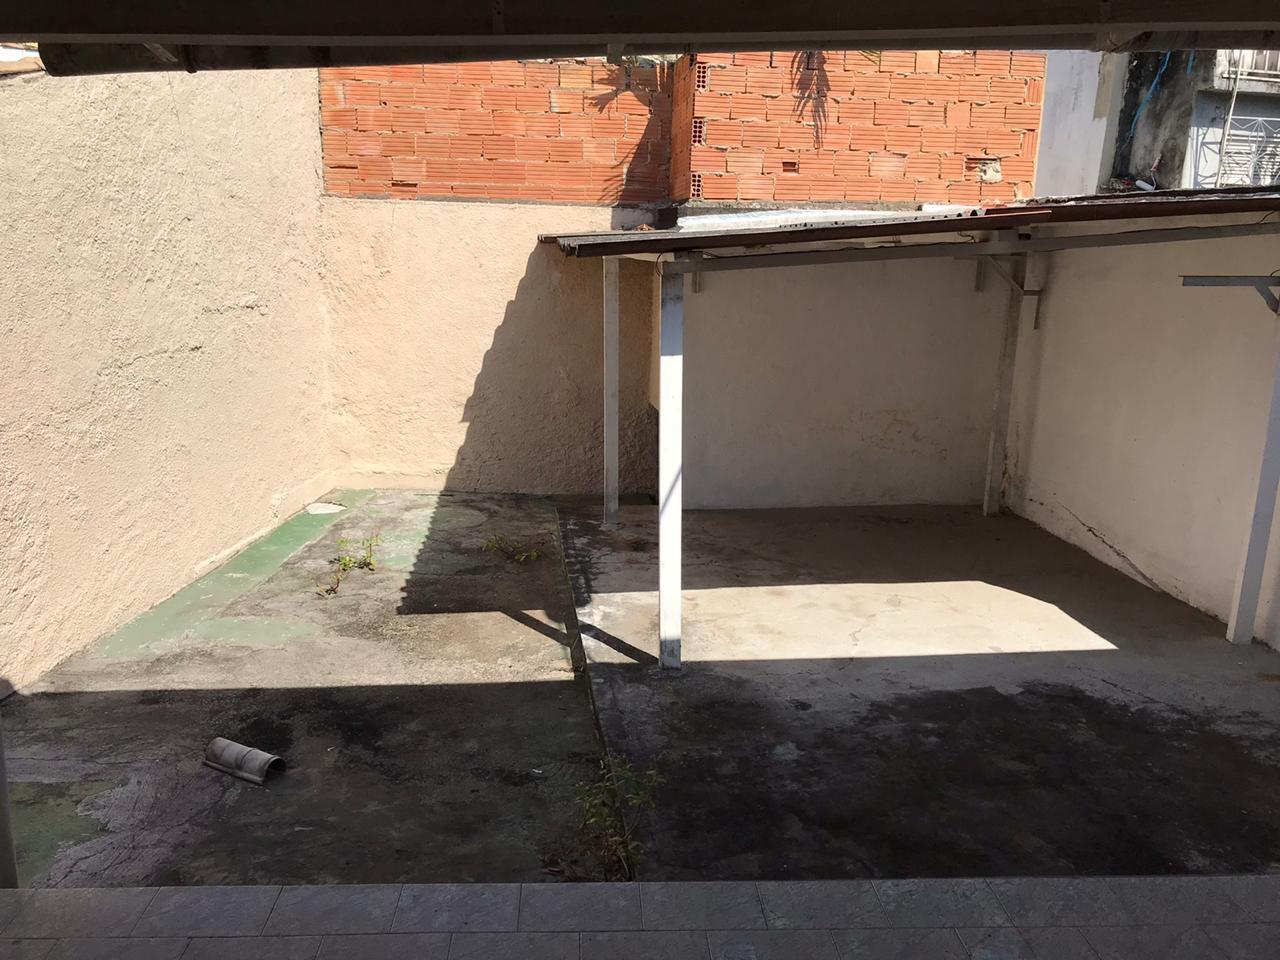 FOTO 14 - Casa à venda Rua Quiririm,Vila Valqueire, Rio de Janeiro - R$ 320.000 - RF274 - 15